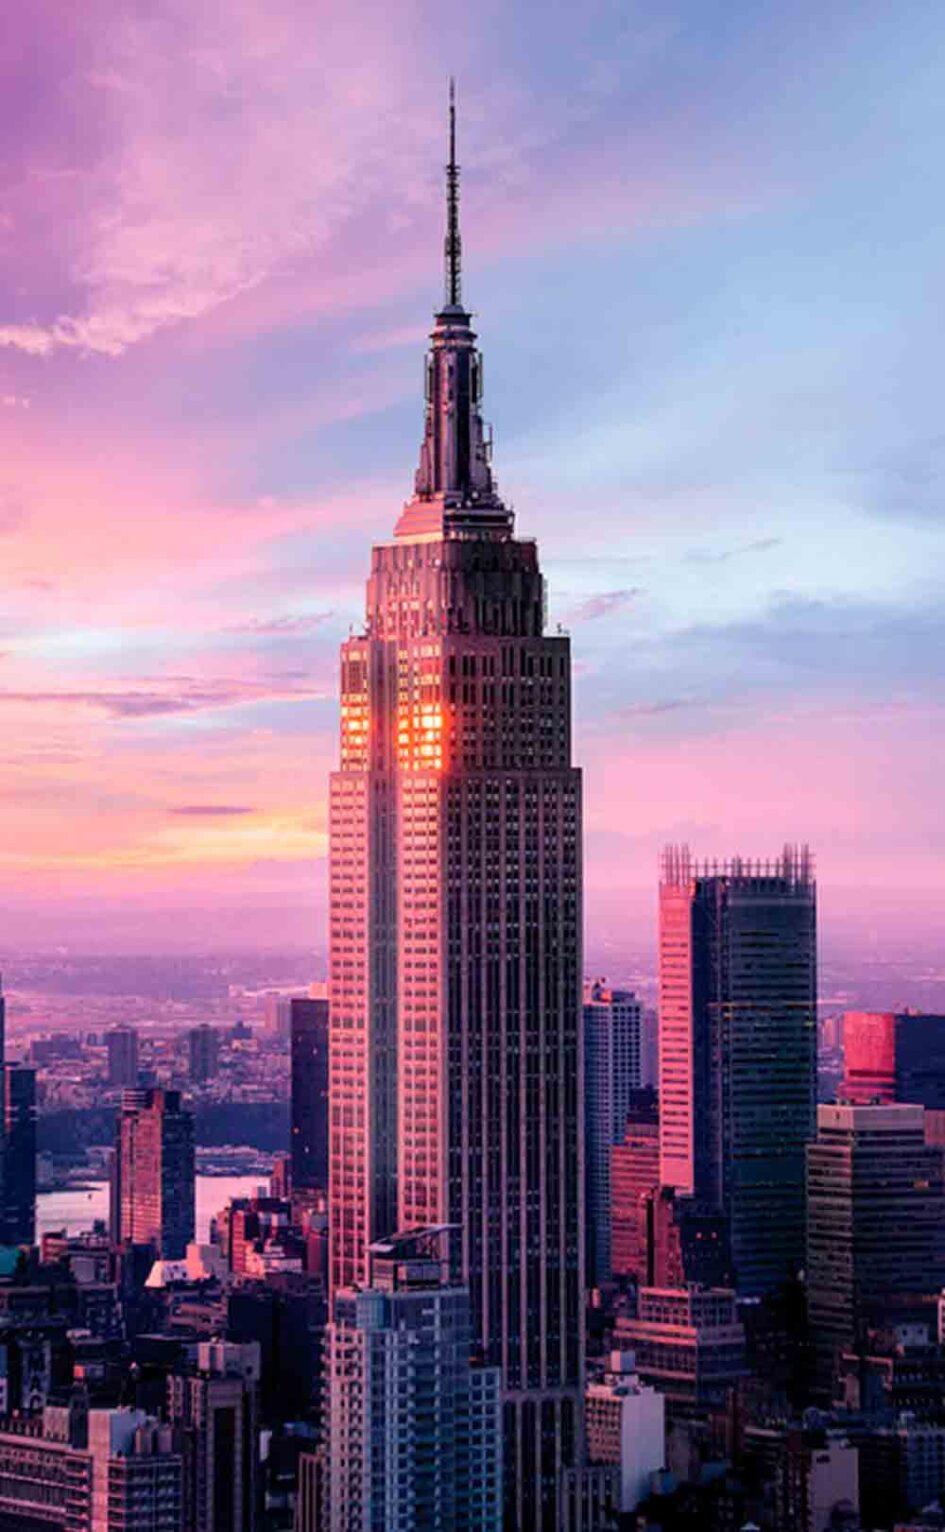 La historia del Empire State Building, el símbolo de una ciudad, un país y una era de progreso